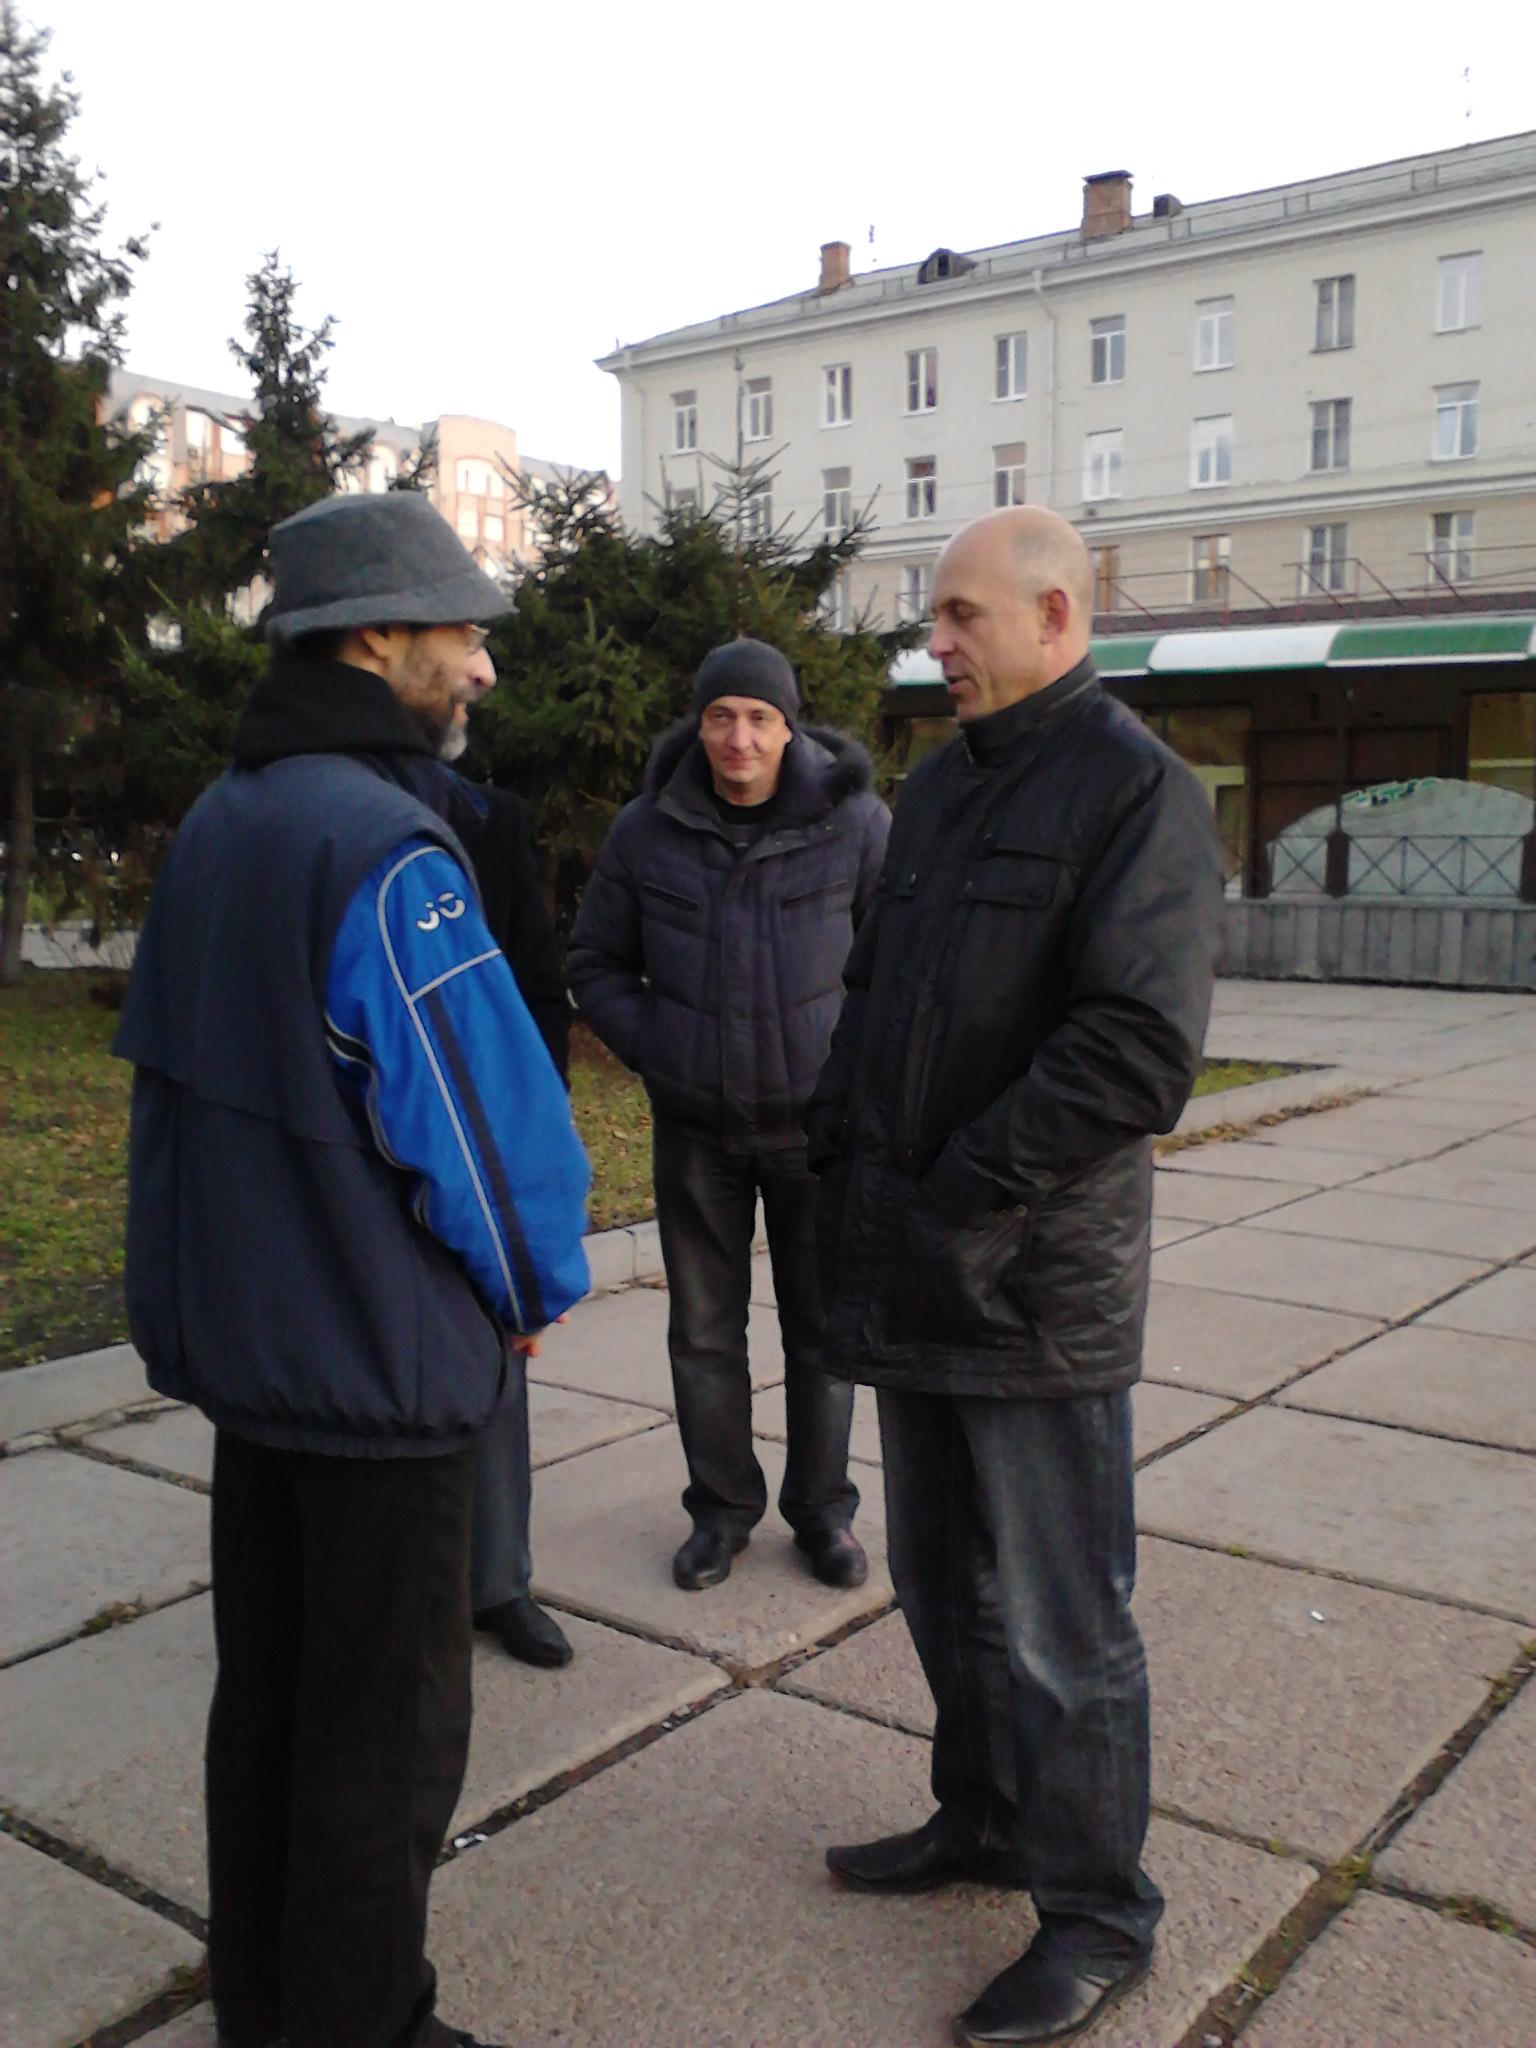 Корб и полицаи-начальники на Театральной площади Омска